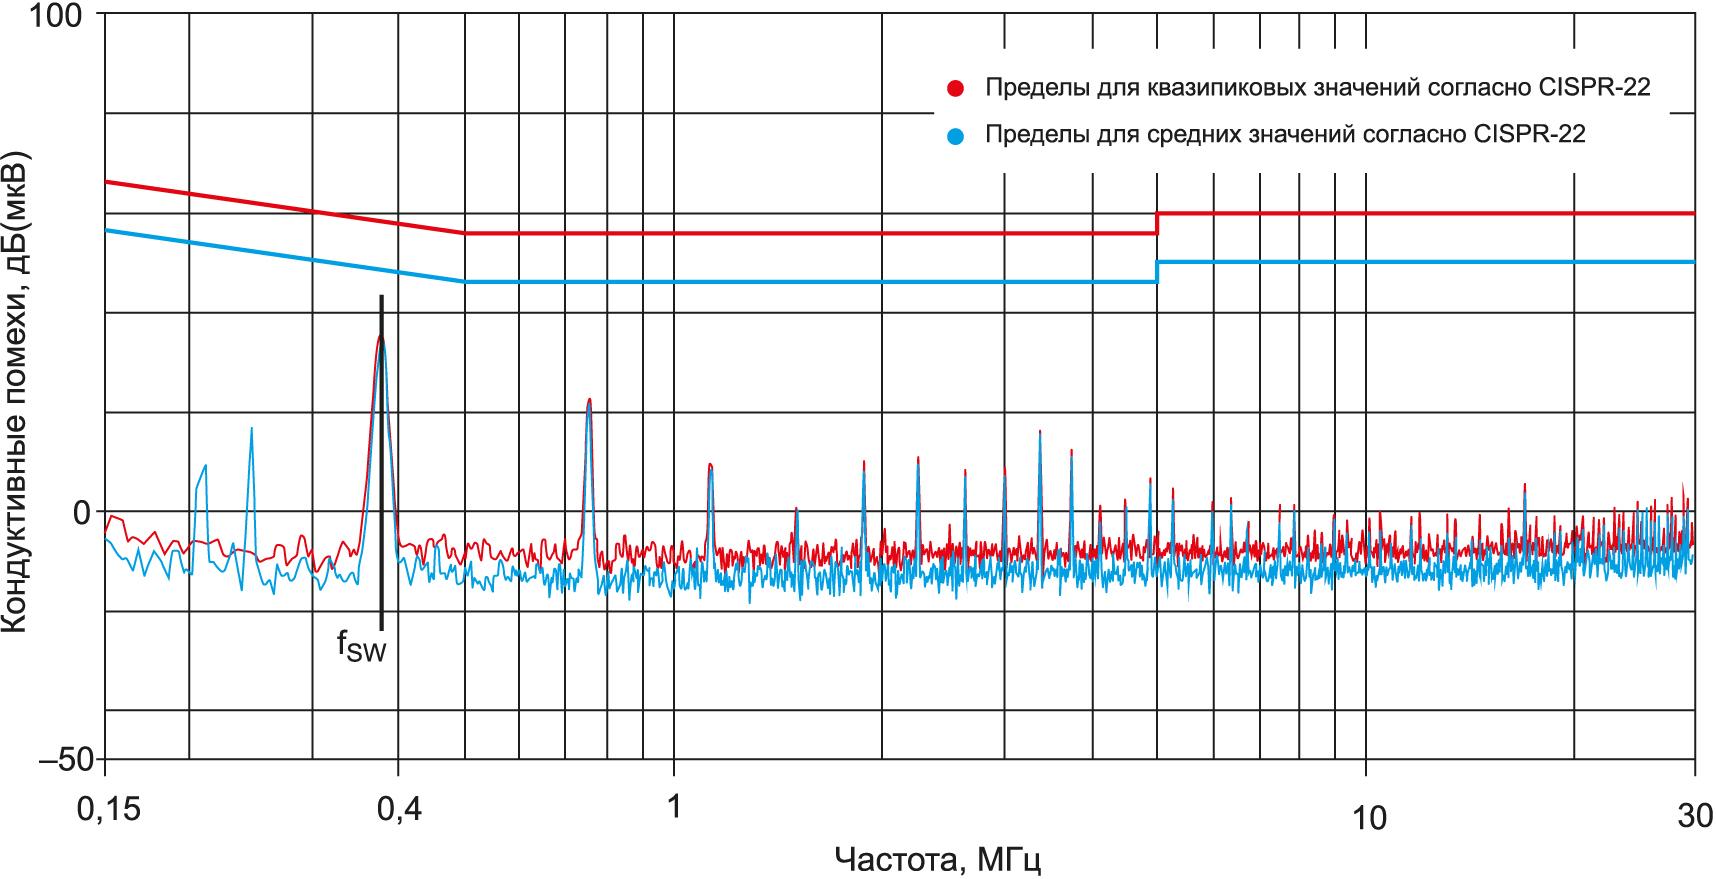 Уровень кондуктивных помех понижающего DC/DC-преобразователя WPMDH1200601JT семейства MagI3C от Würth Elektronik с входным фильтром. Измерения согласно EN55022 (CISPR-22) выполнялись с помощью оценочной платы с входным LC-фильтром (4,7 мкГн + 10 мкФ)